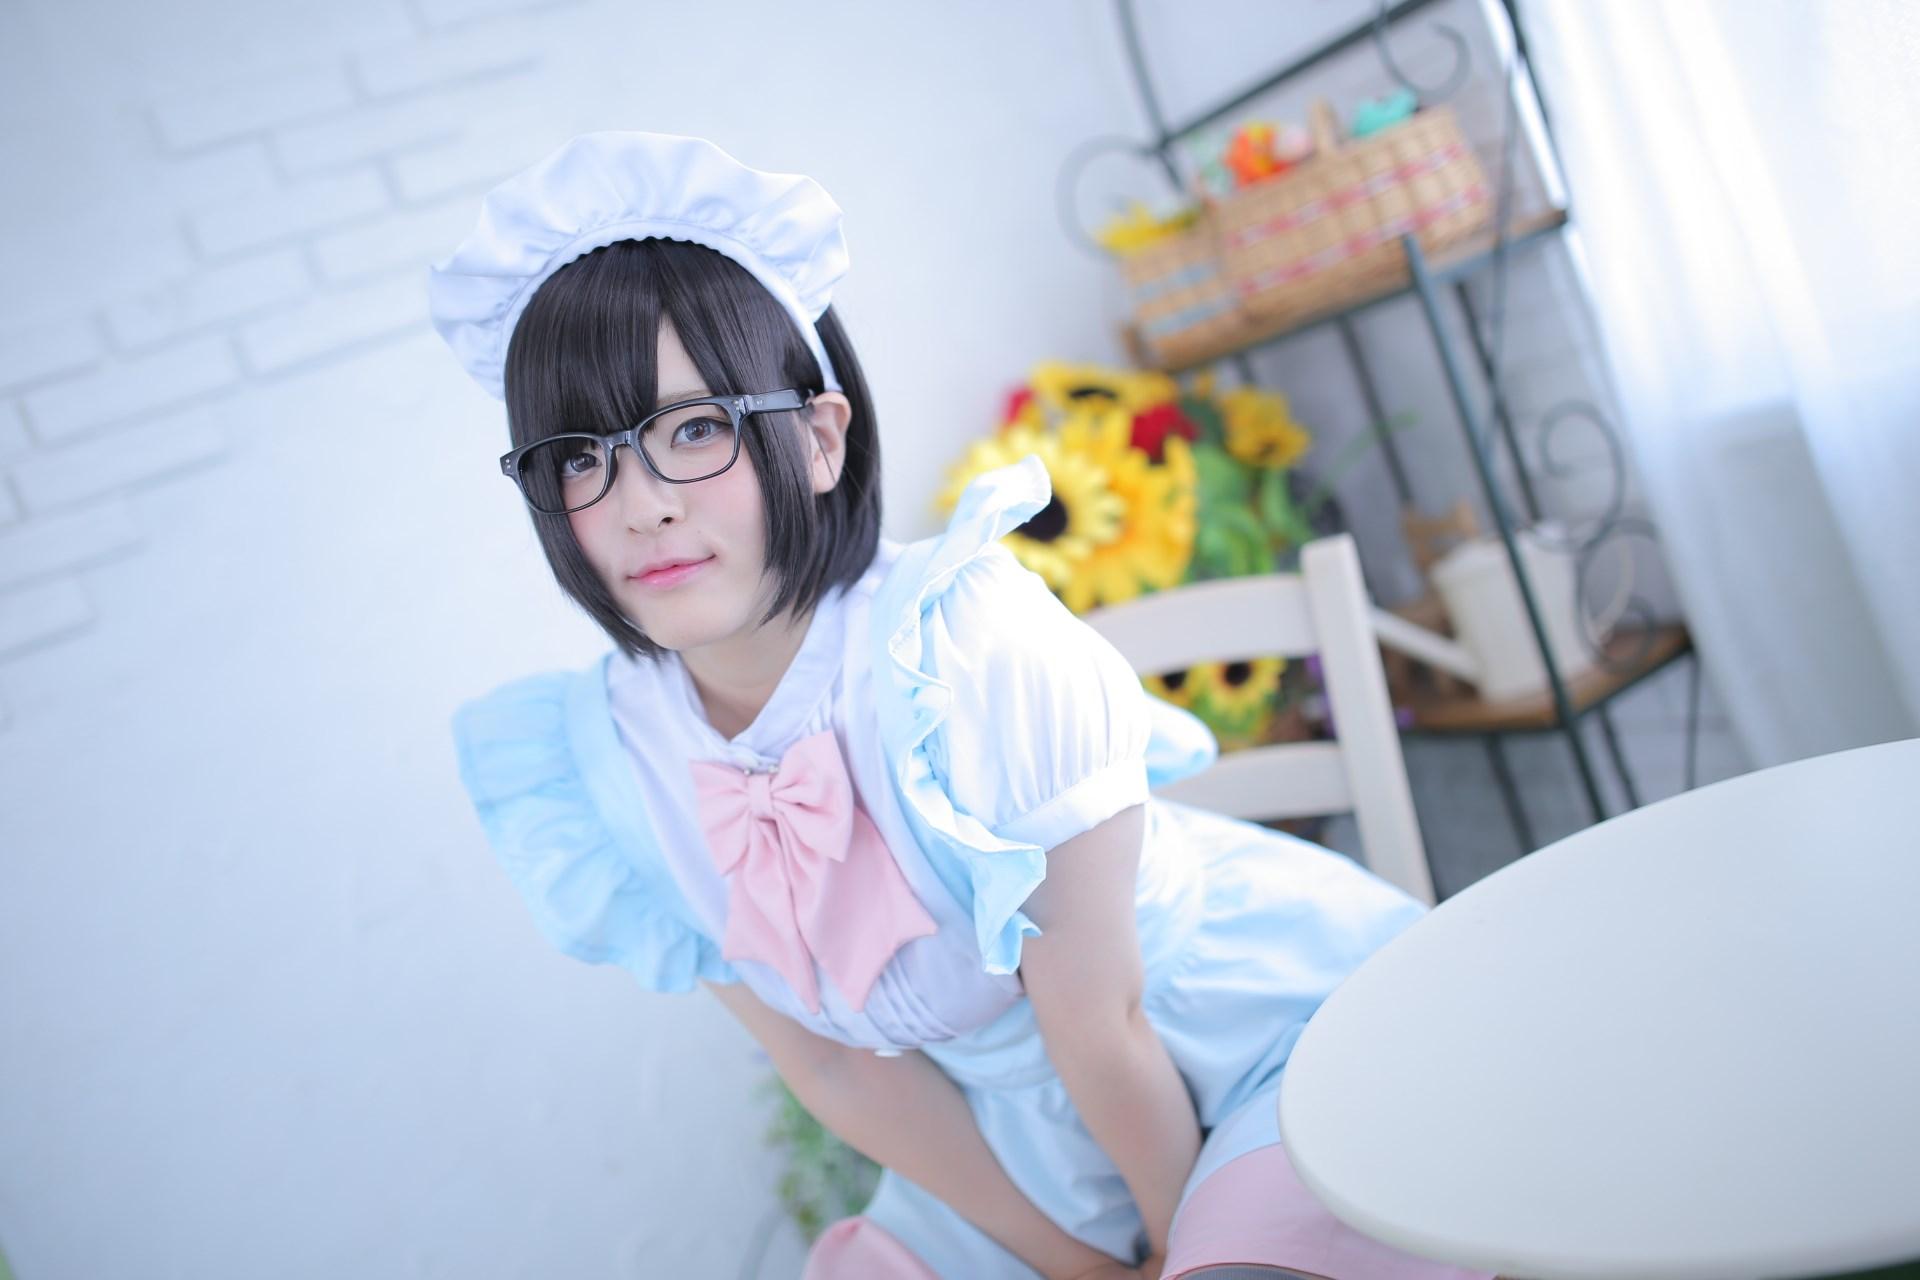 【兔玩映画】眼镜女仆 兔玩映画 第8张